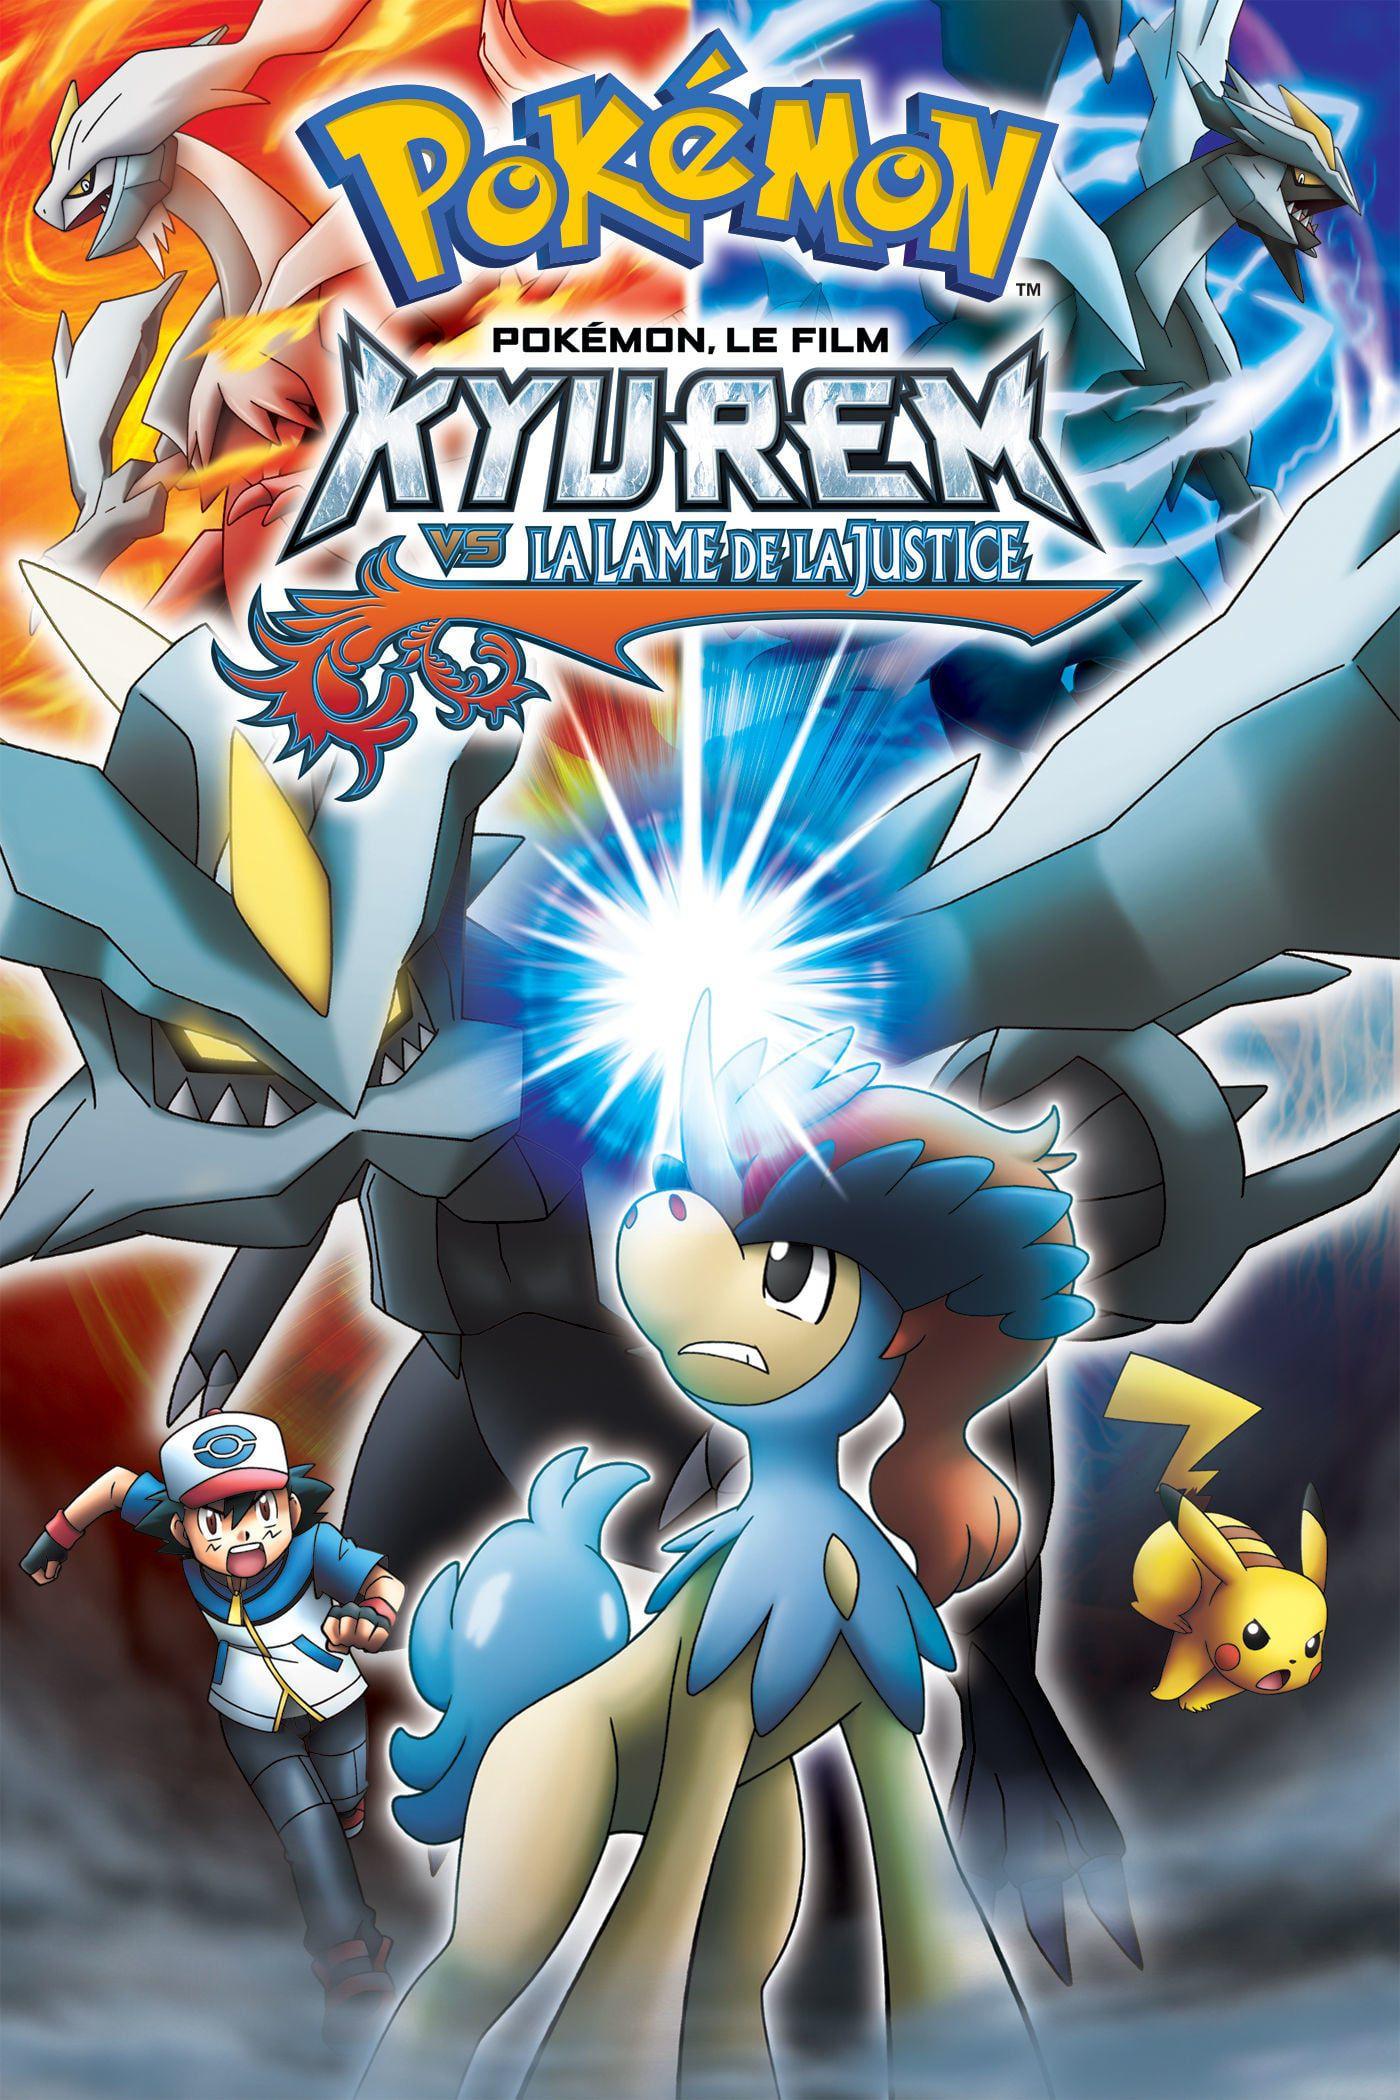 Pokémon 15 : Kyurem contre la Lame de la justice - Long-métrage d'animation (2012)